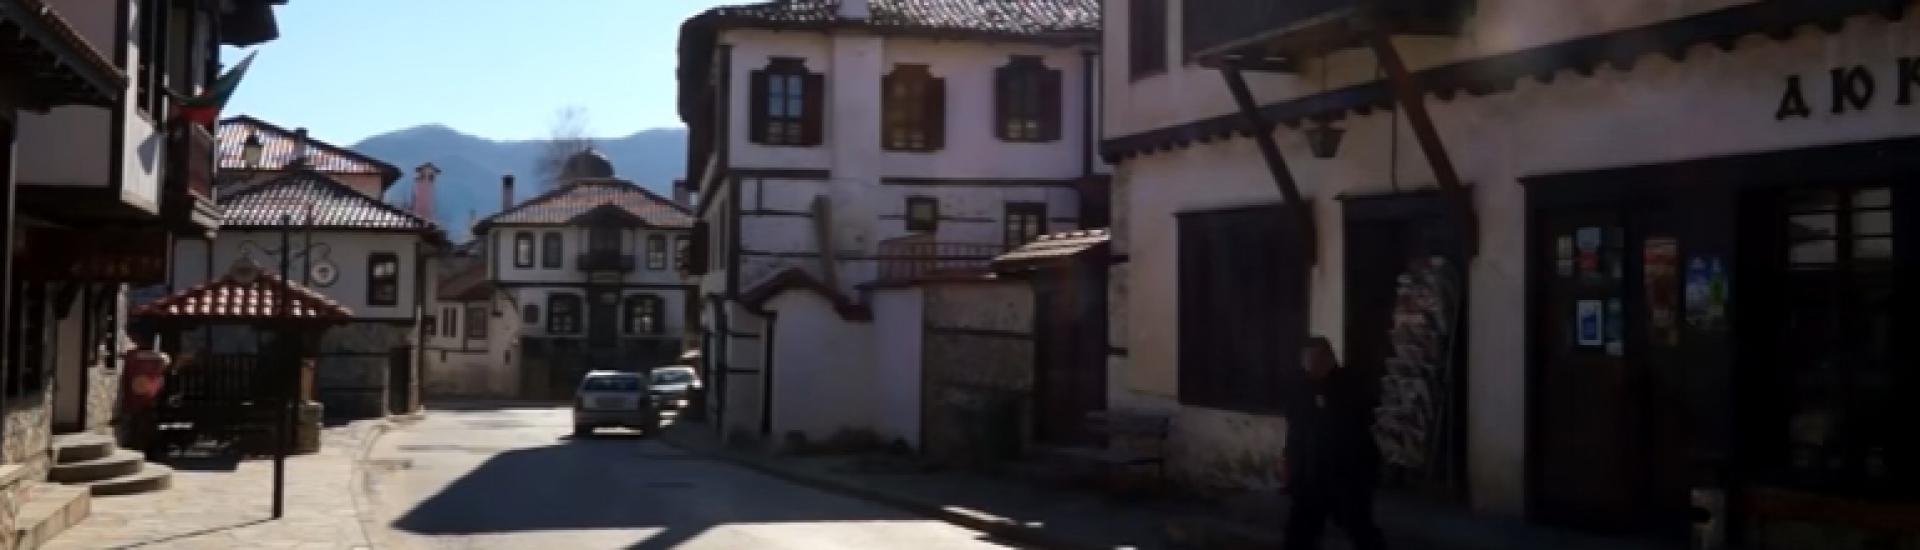 Чудните мостове - Смолян - Златоград - Хасково - Старозагорски минерални бани